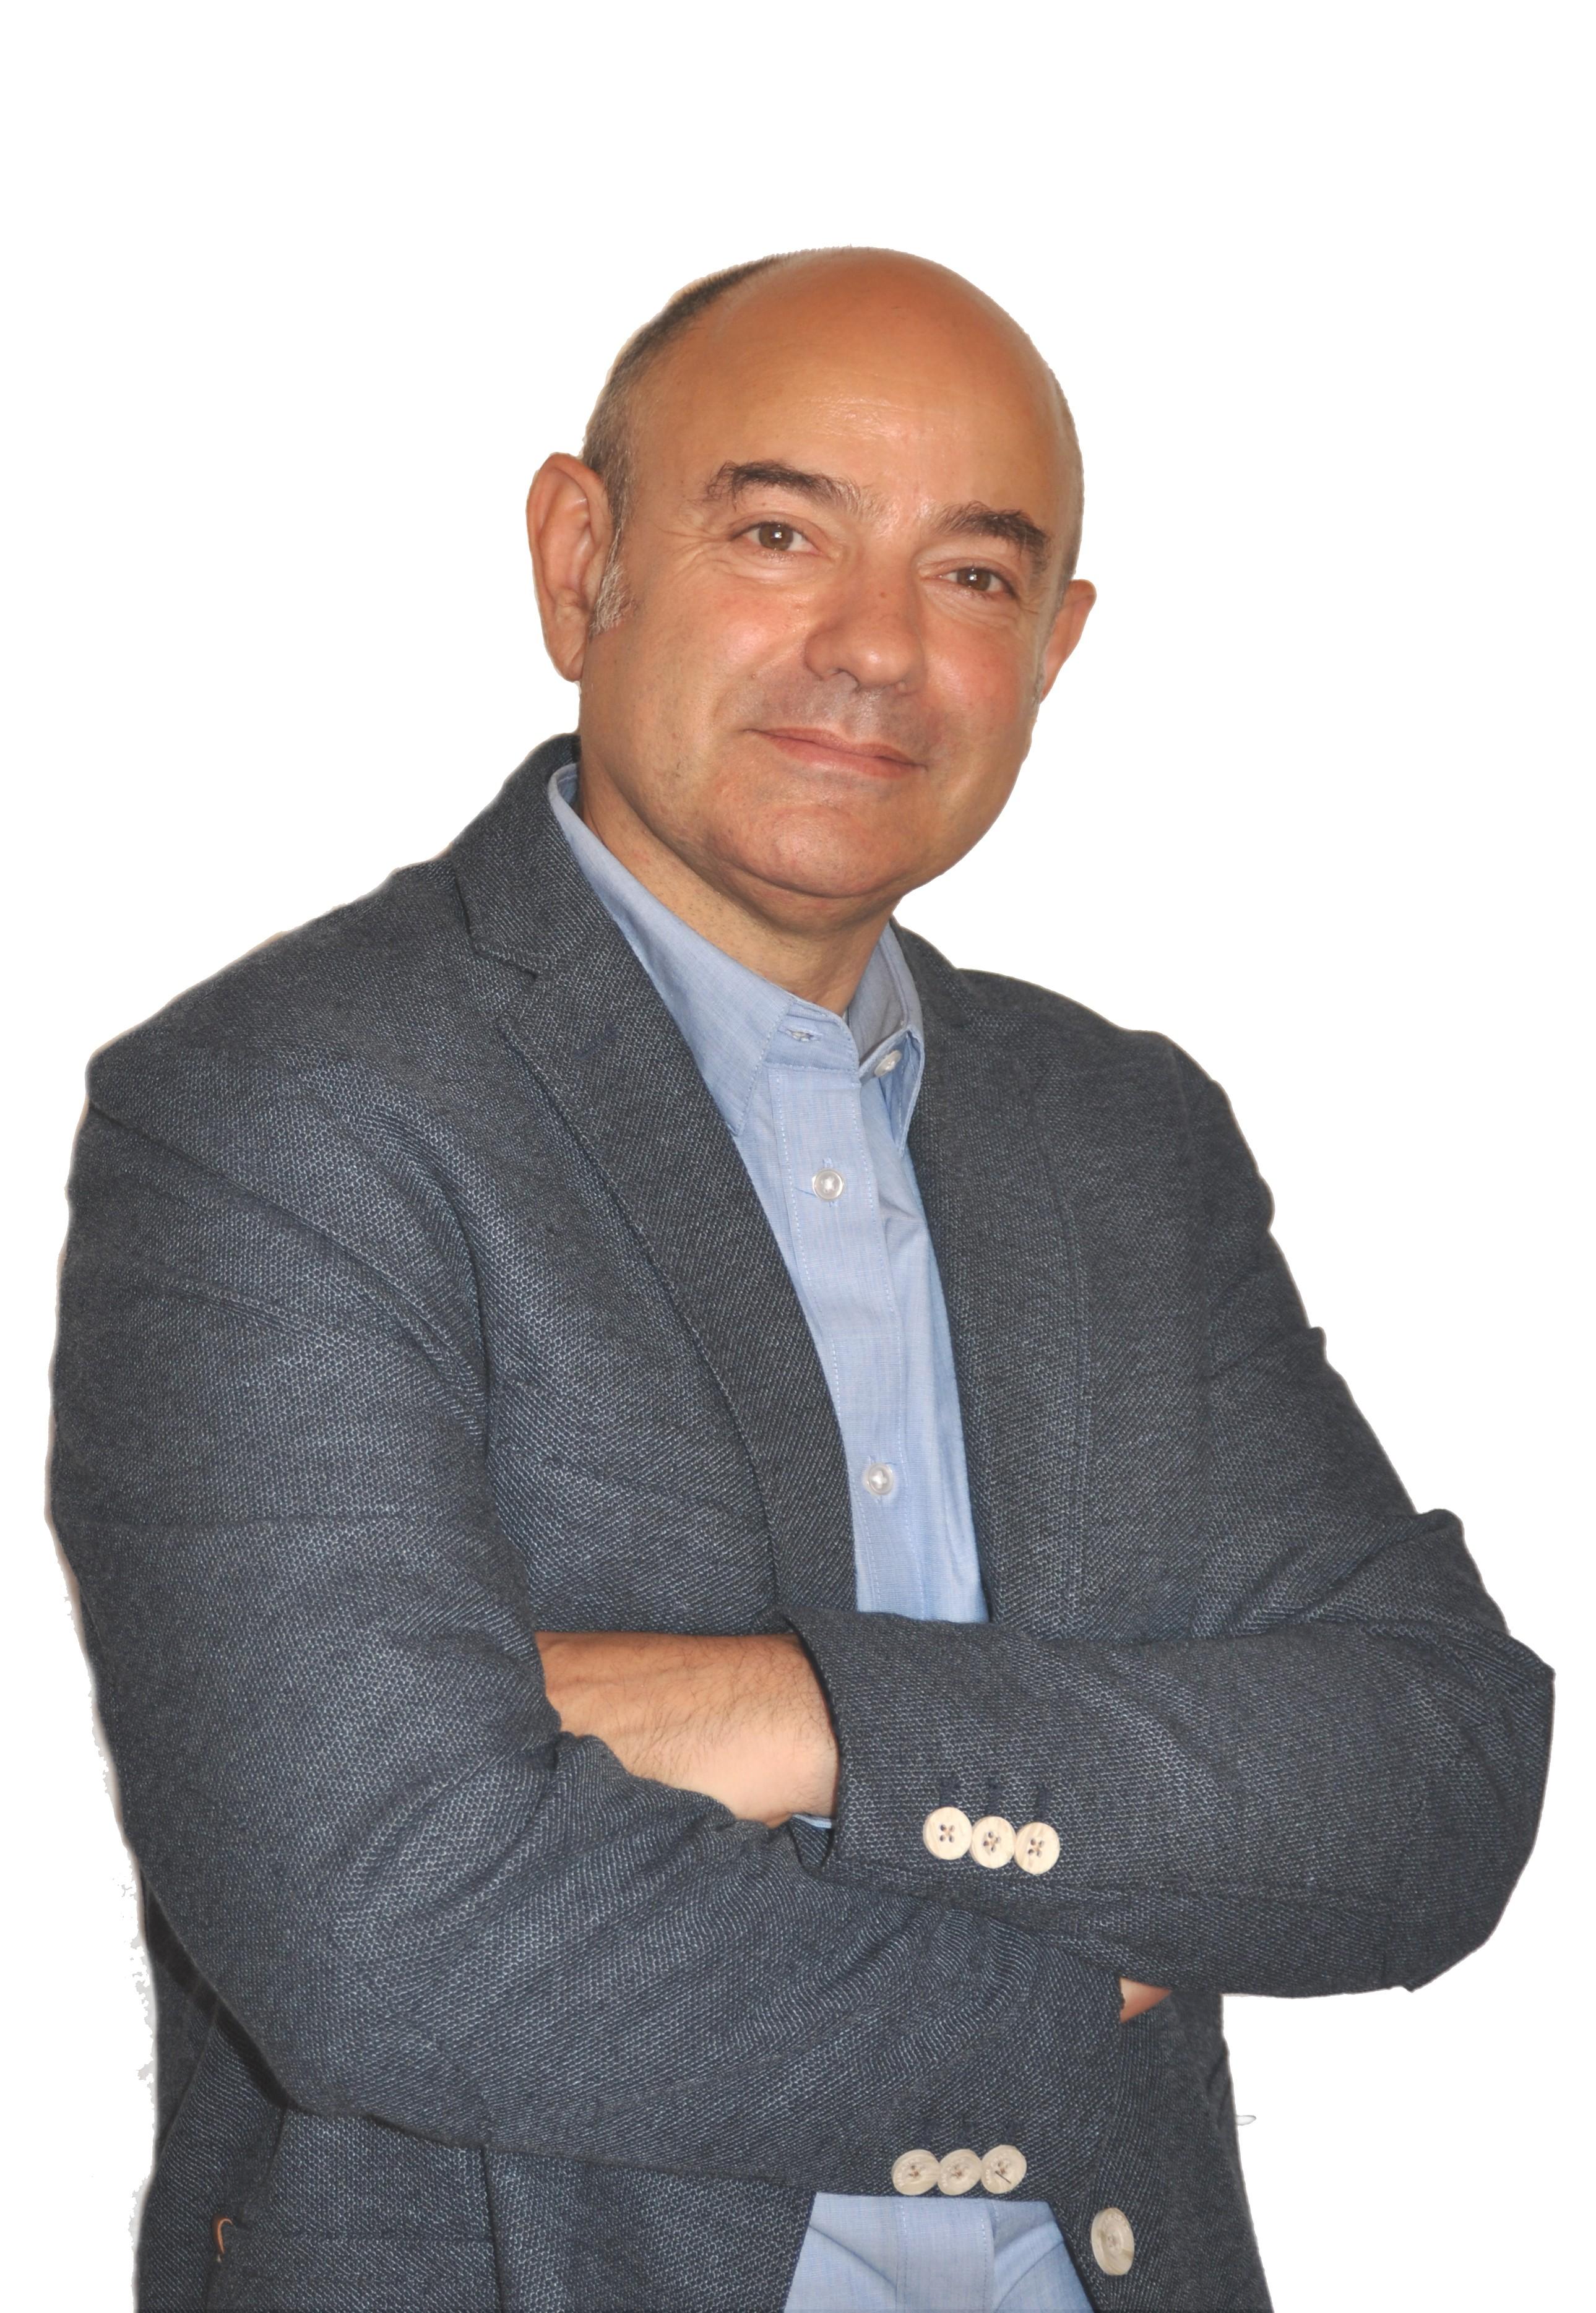 Rafael Roldán Herreruela